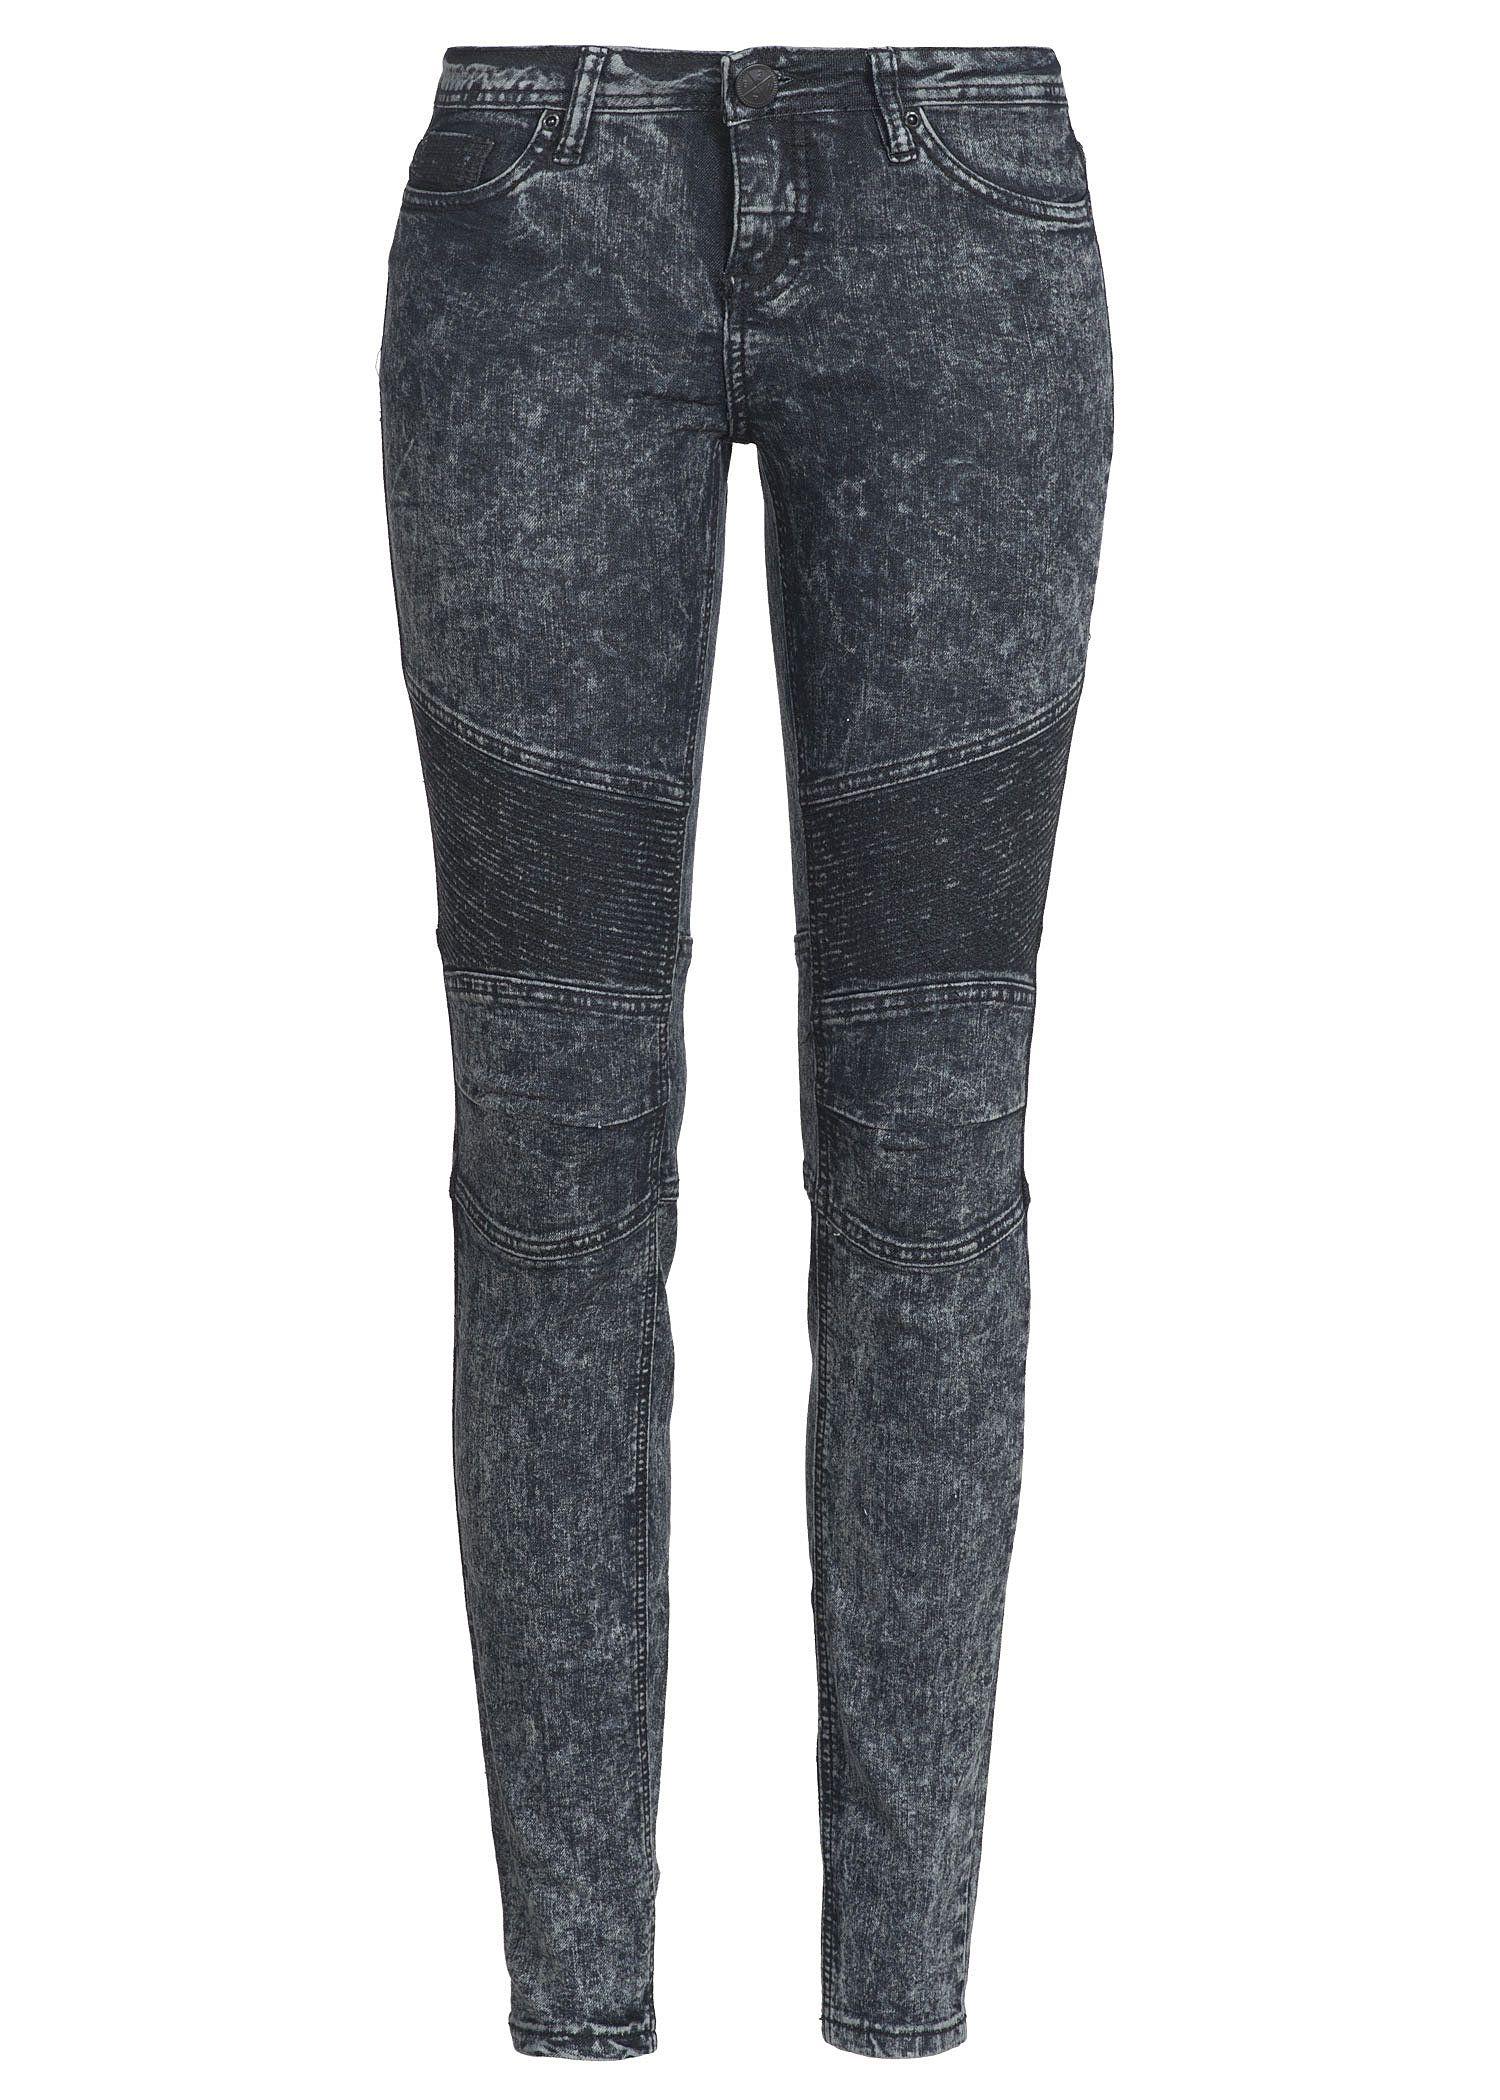 Eight2Nine Damen Acid Jeans Slim Fit 5-Pocket Style Knie mit Steppung schwarz denim kaufen   77Store